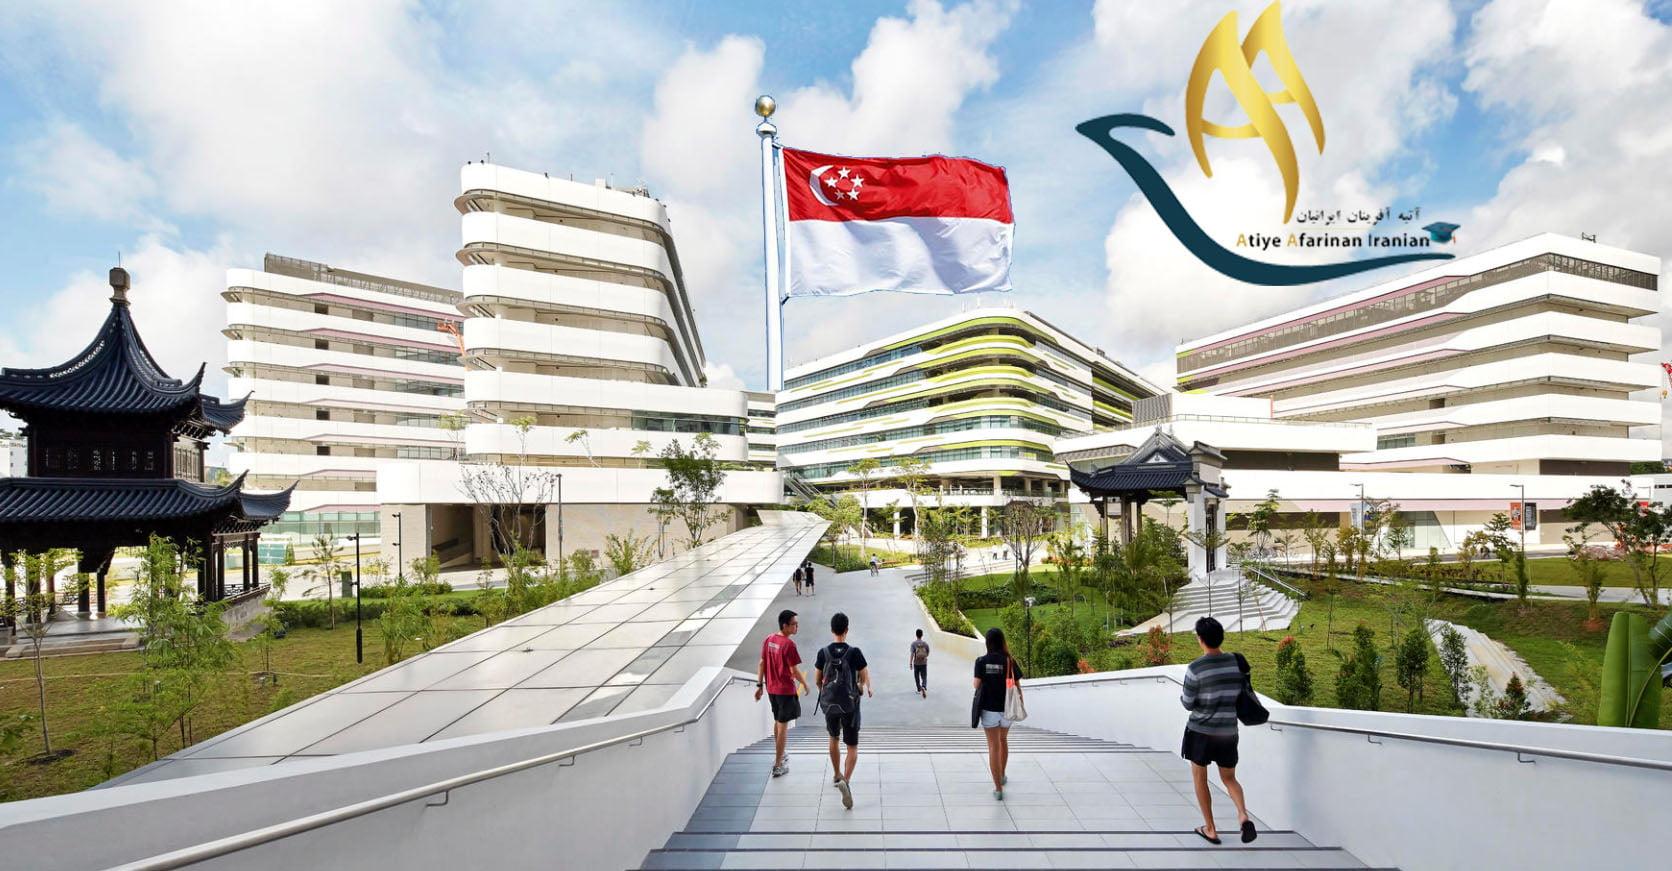 دانشگاه های مورد تایید وزارت علوم در سنگاپور